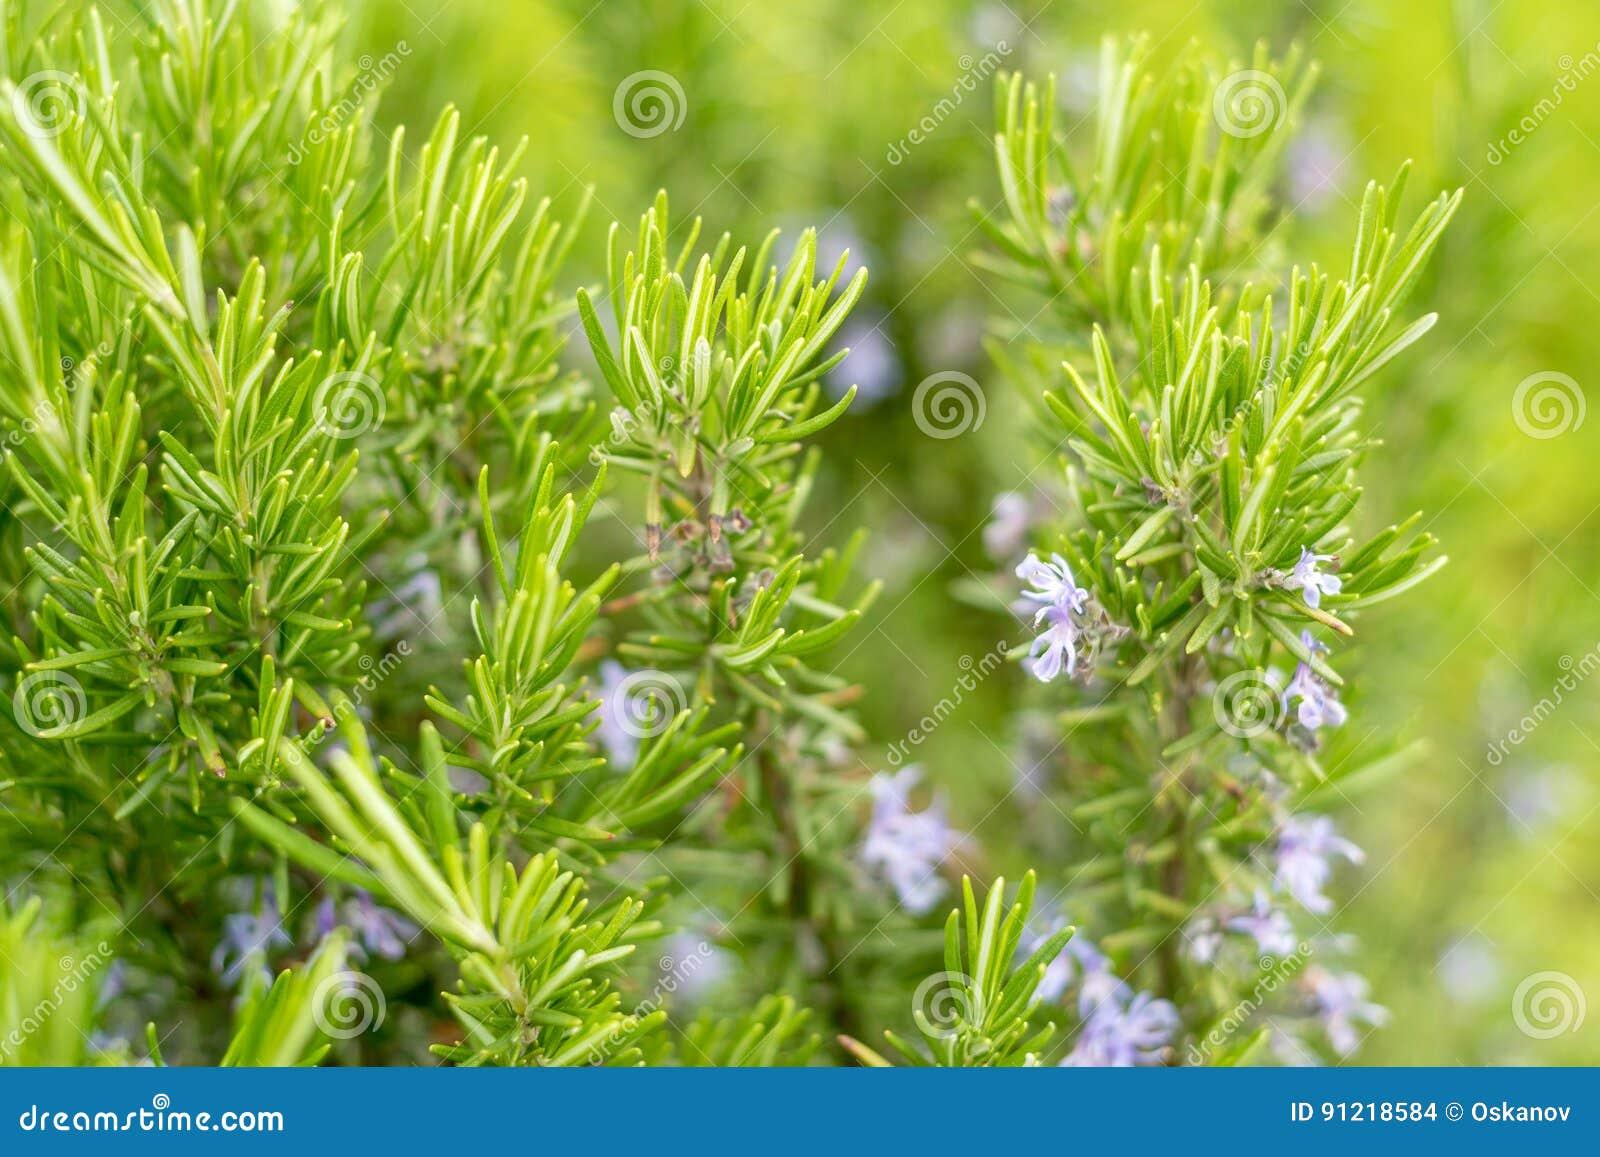 Planta floreciente del romero